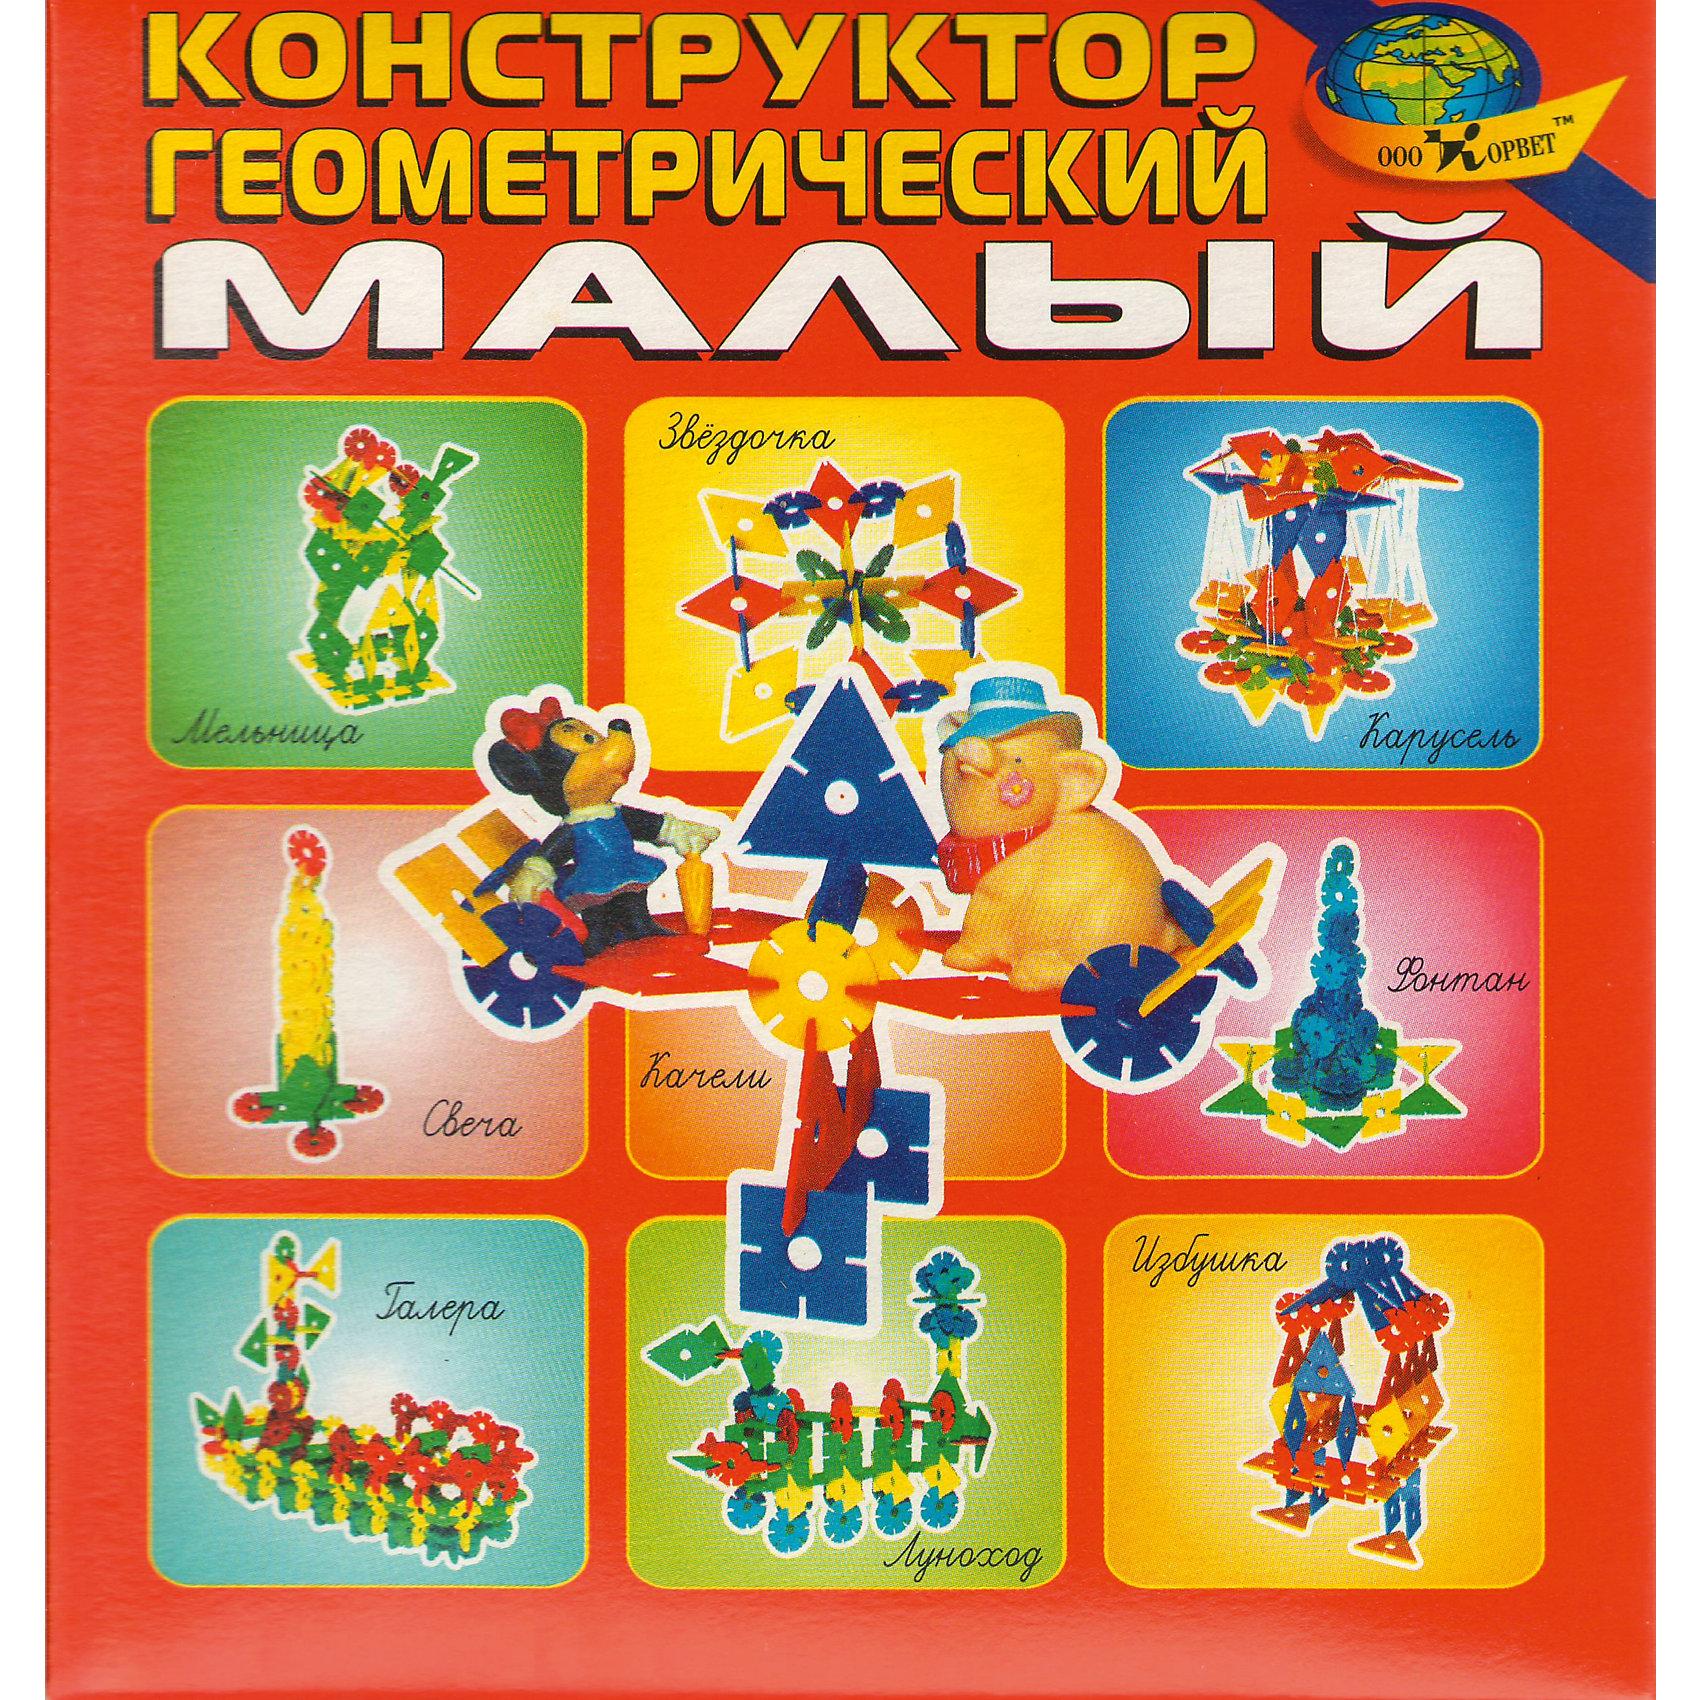 Развивающая игра Конструктор геомертический (малый)Развивающие игры<br>В комплект входят плоские геометрические фигуры (квадрат, ромб, треугольник, круг) с прорезями для соединения. Фигуры четырех цветов.<br><br>Ширина мм: 15<br>Глубина мм: 16<br>Высота мм: 2<br>Вес г: 80<br>Возраст от месяцев: 36<br>Возраст до месяцев: 2147483647<br>Пол: Унисекс<br>Возраст: Детский<br>SKU: 4803029